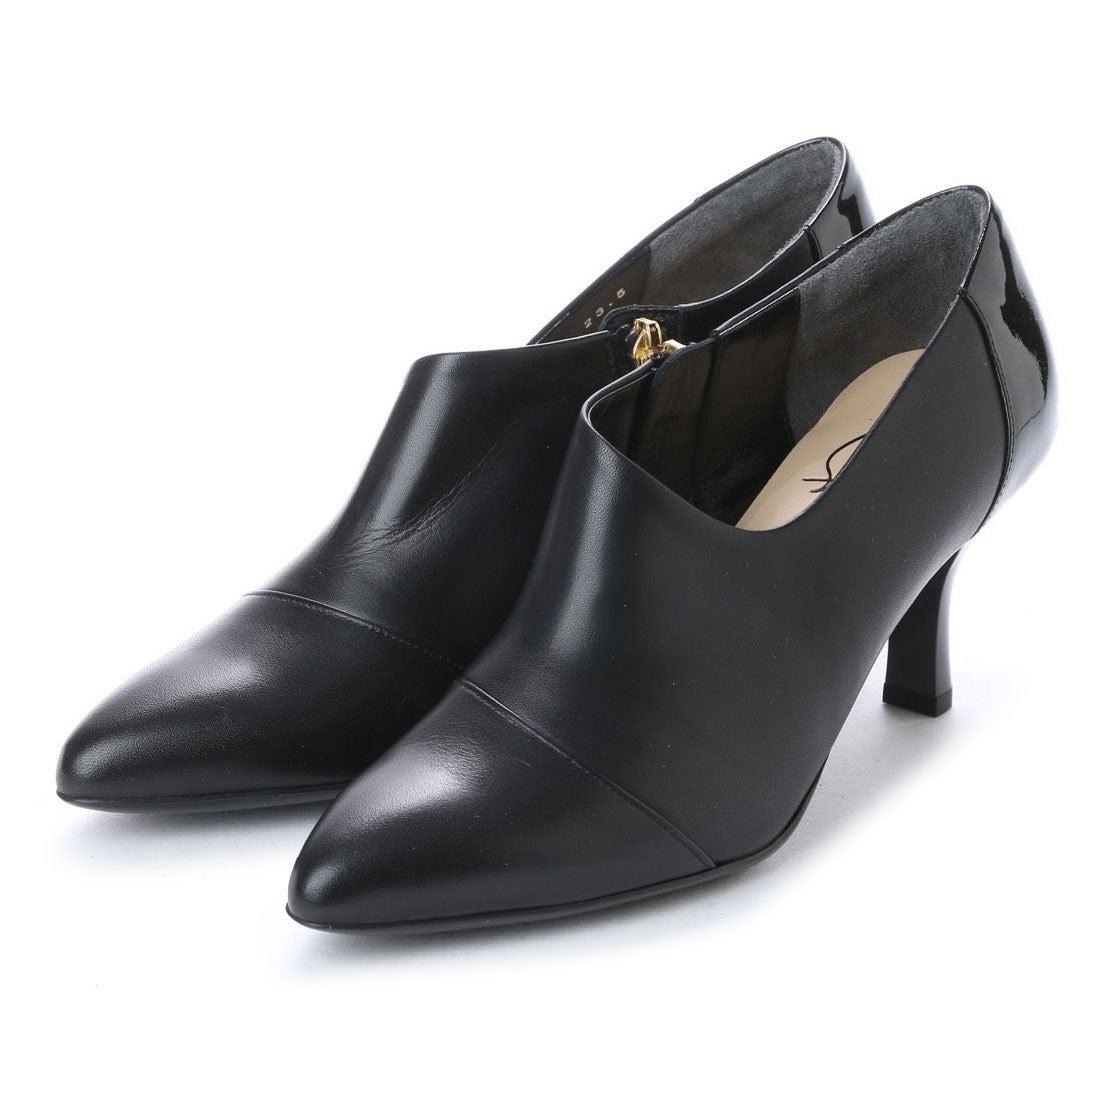 ロコンド 靴とファッションの通販サイトスタイルラボ STYLE lab ソフトレザーポインテッドトゥブーティ (ブラック)